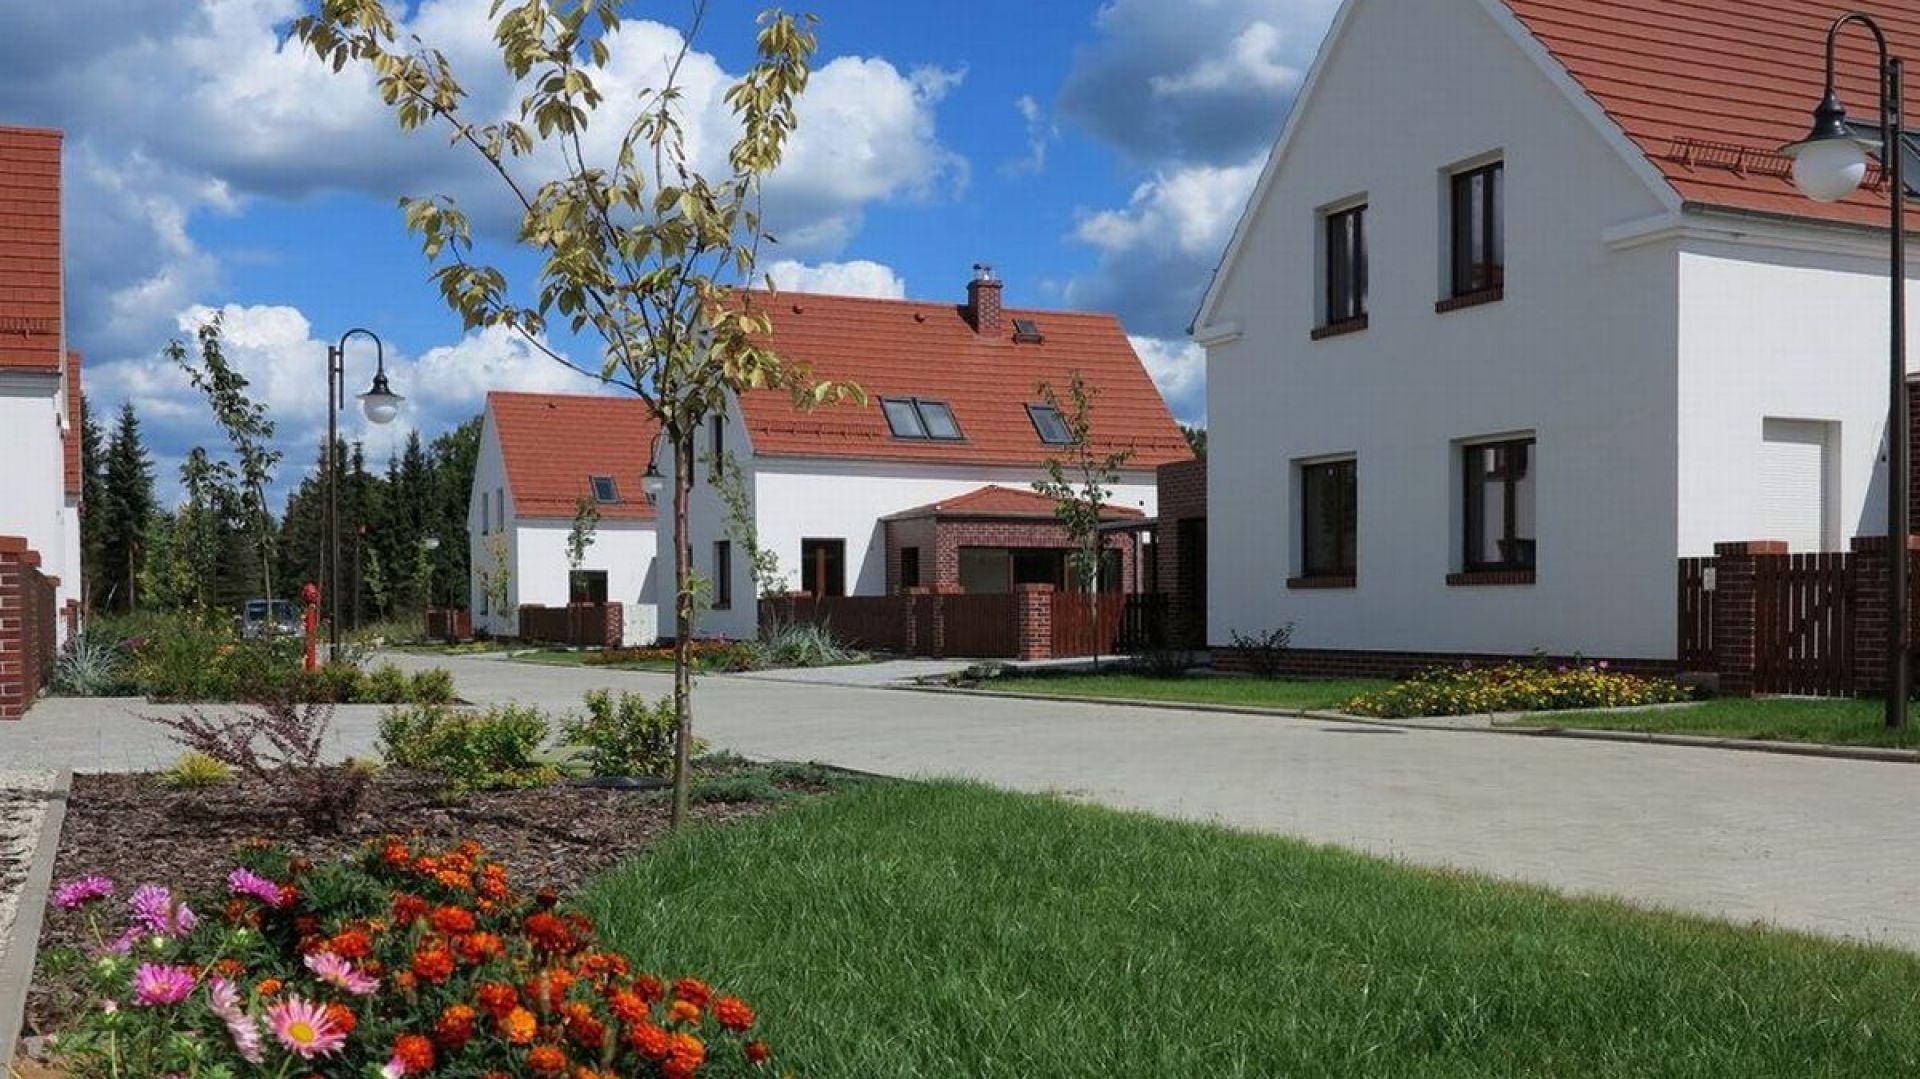 """Sześć białych domów stojących przy malowniczej drodze w pobliżu Jeziora Turawskiego do złudzenia przypomina typowe """"jamniki"""